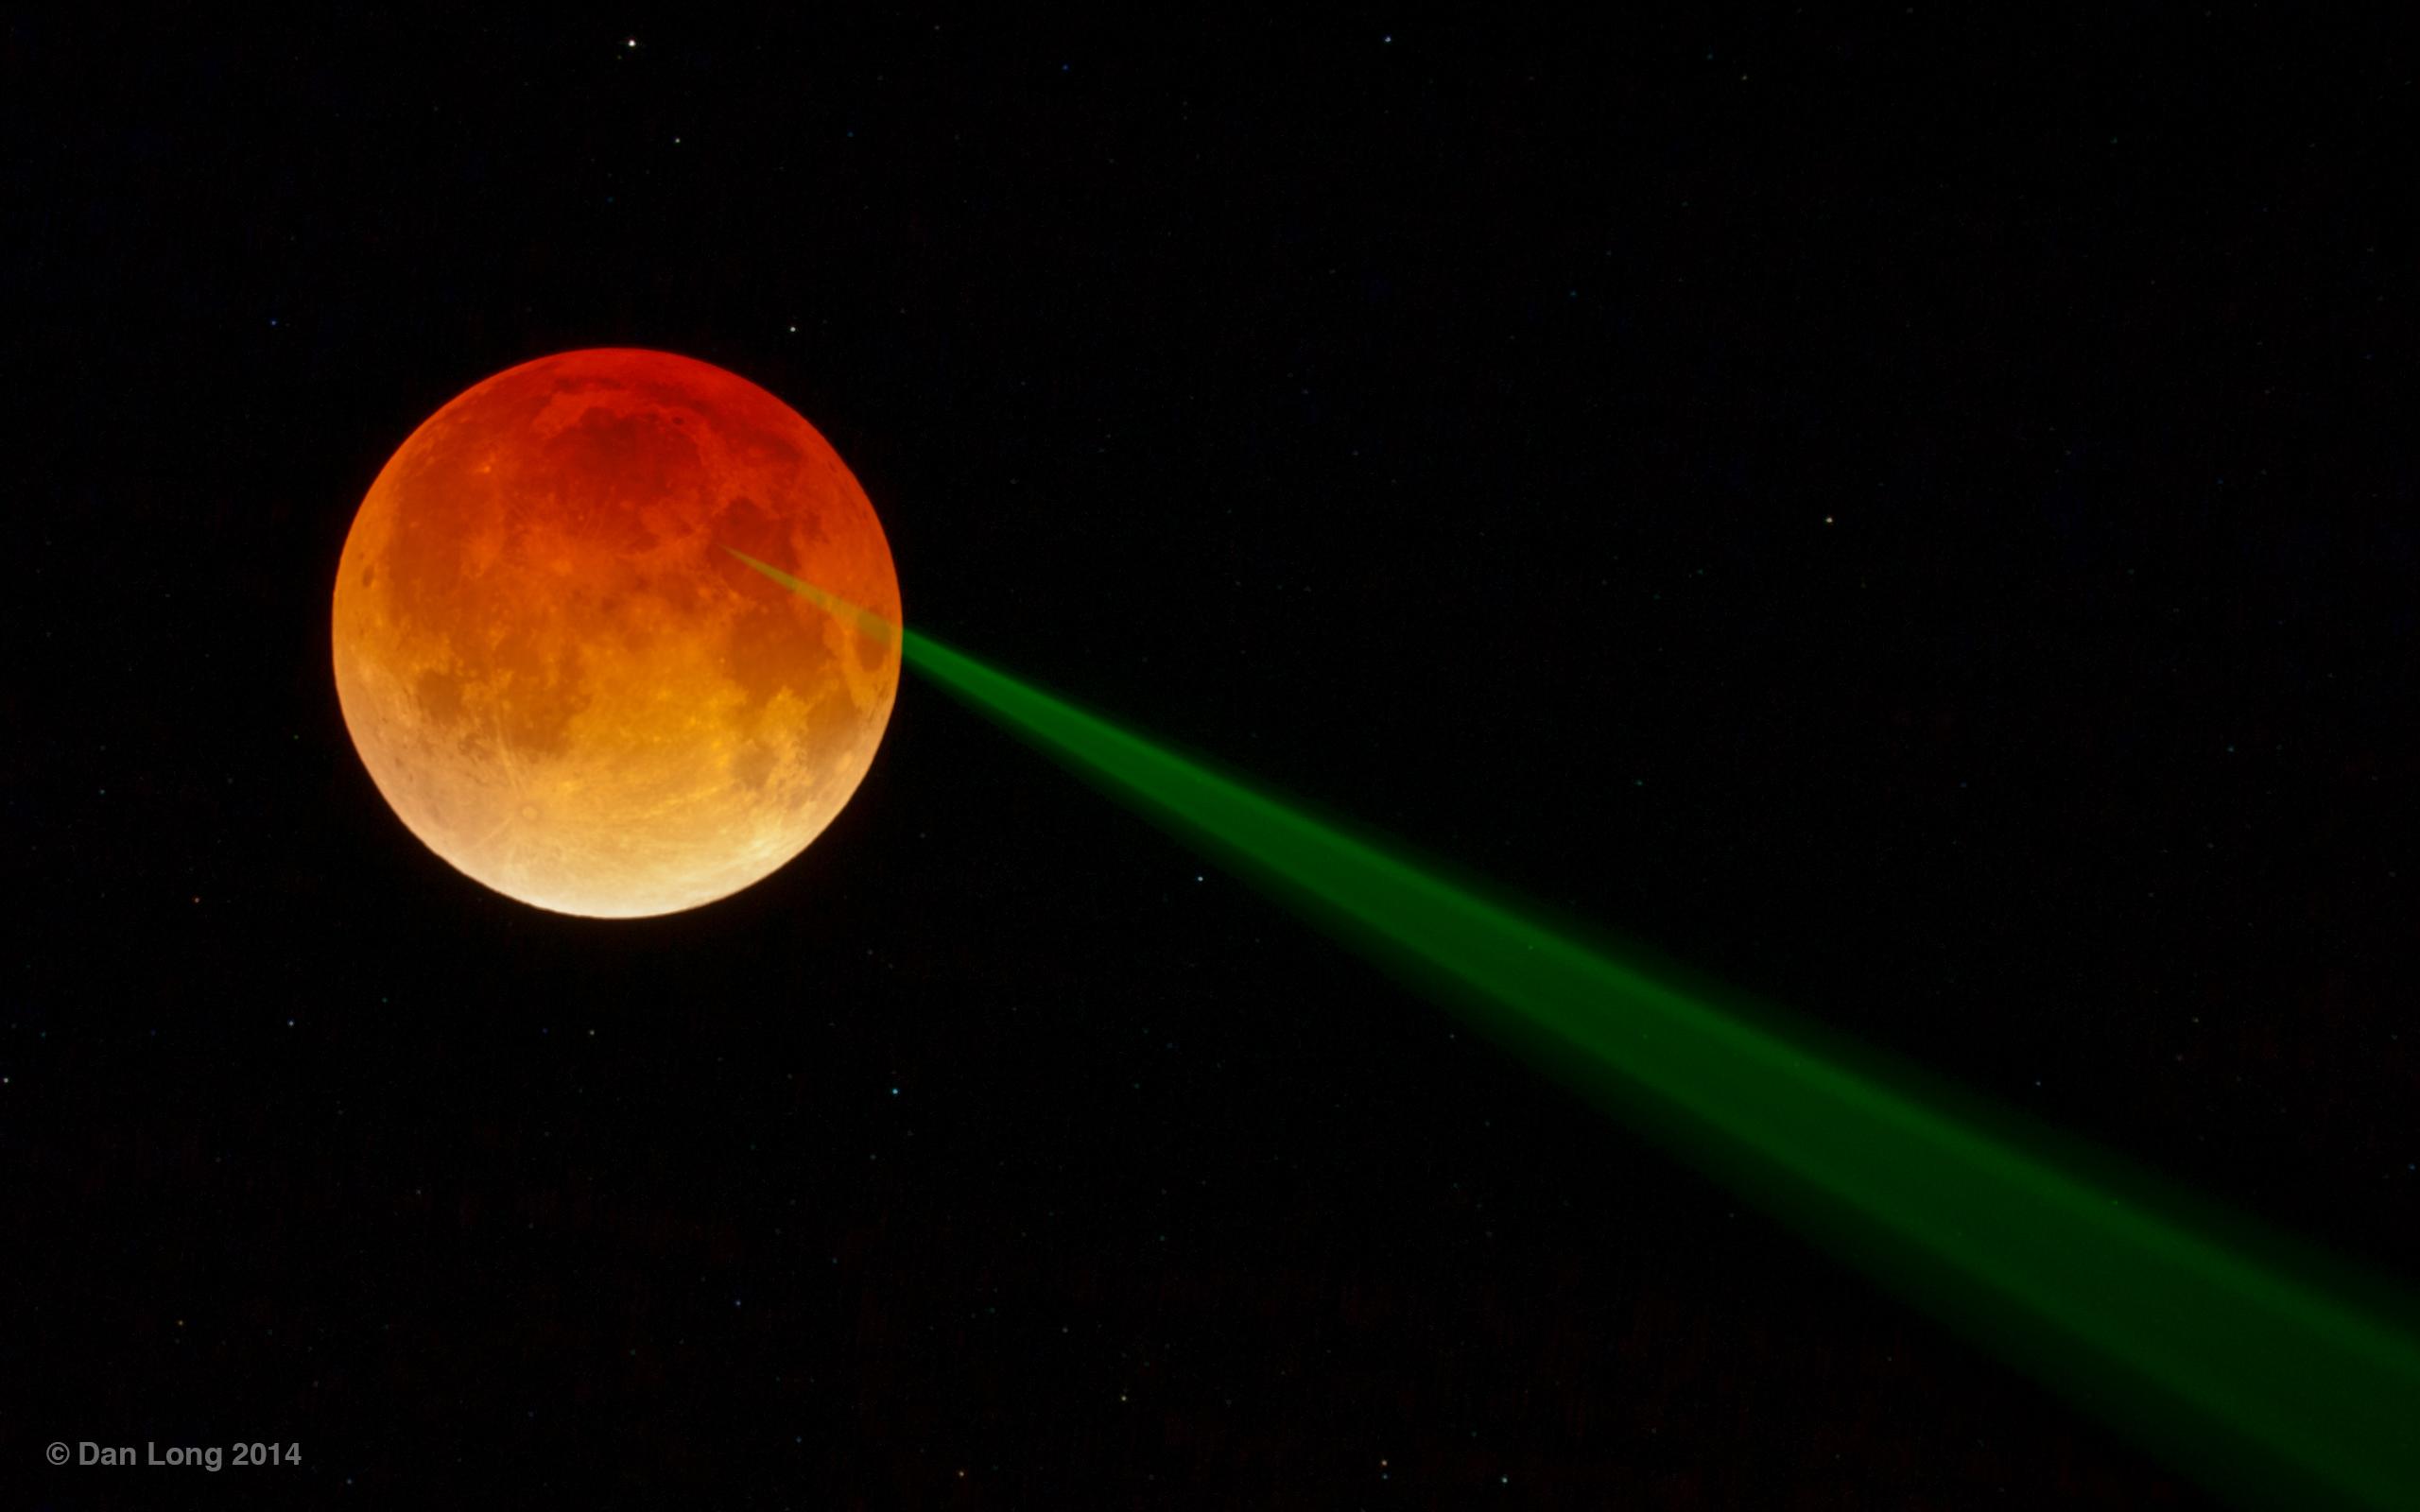 D140414_47_ApolloEclipse_AFCc_16f